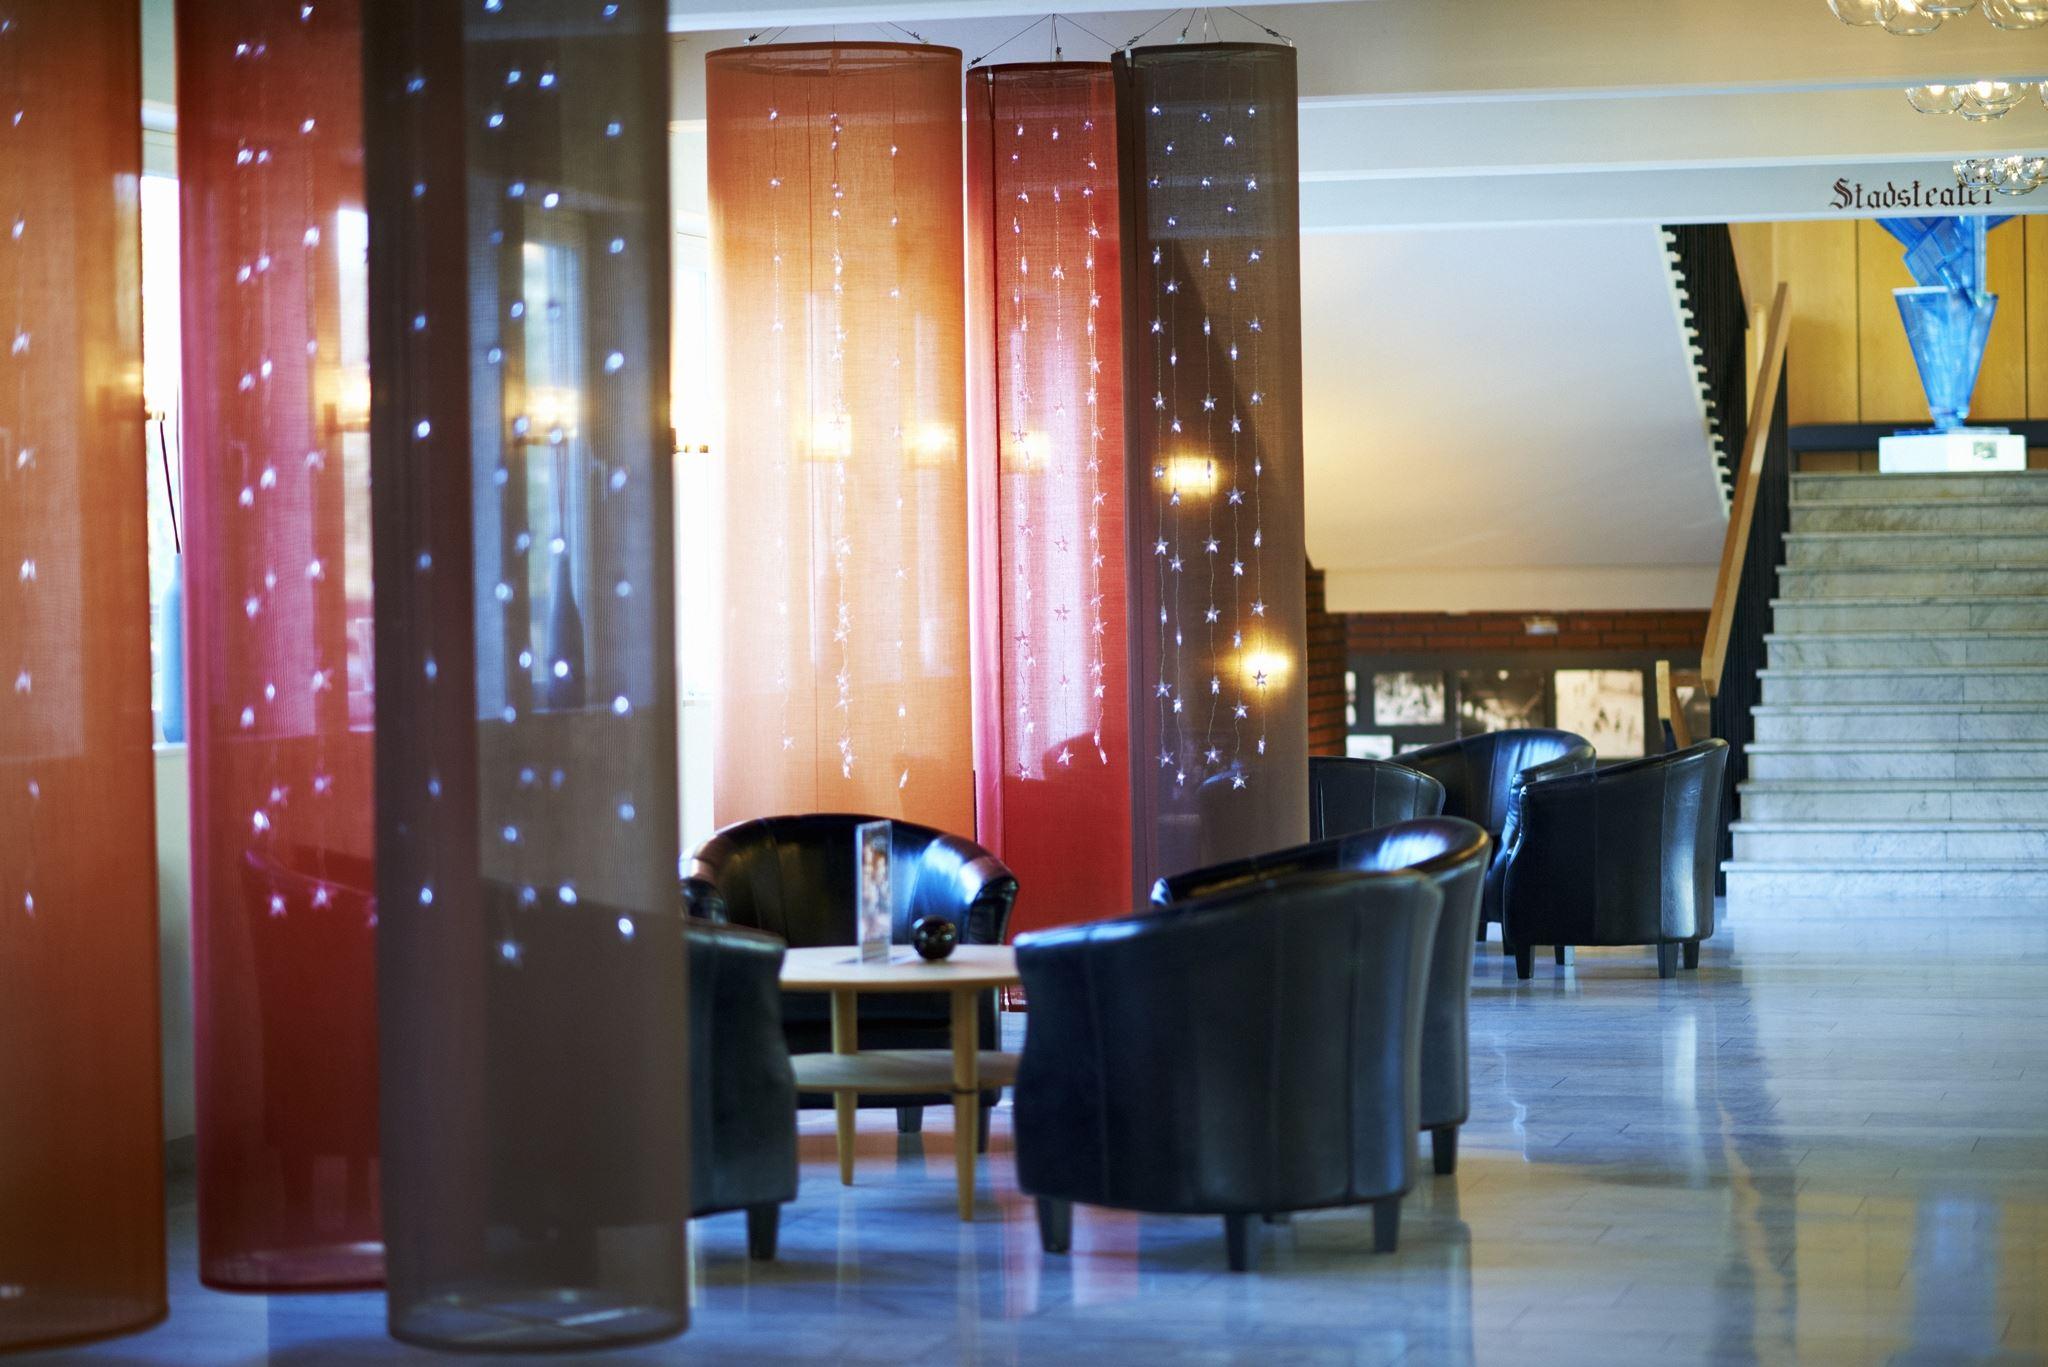 STF Hotel Rum Oscar